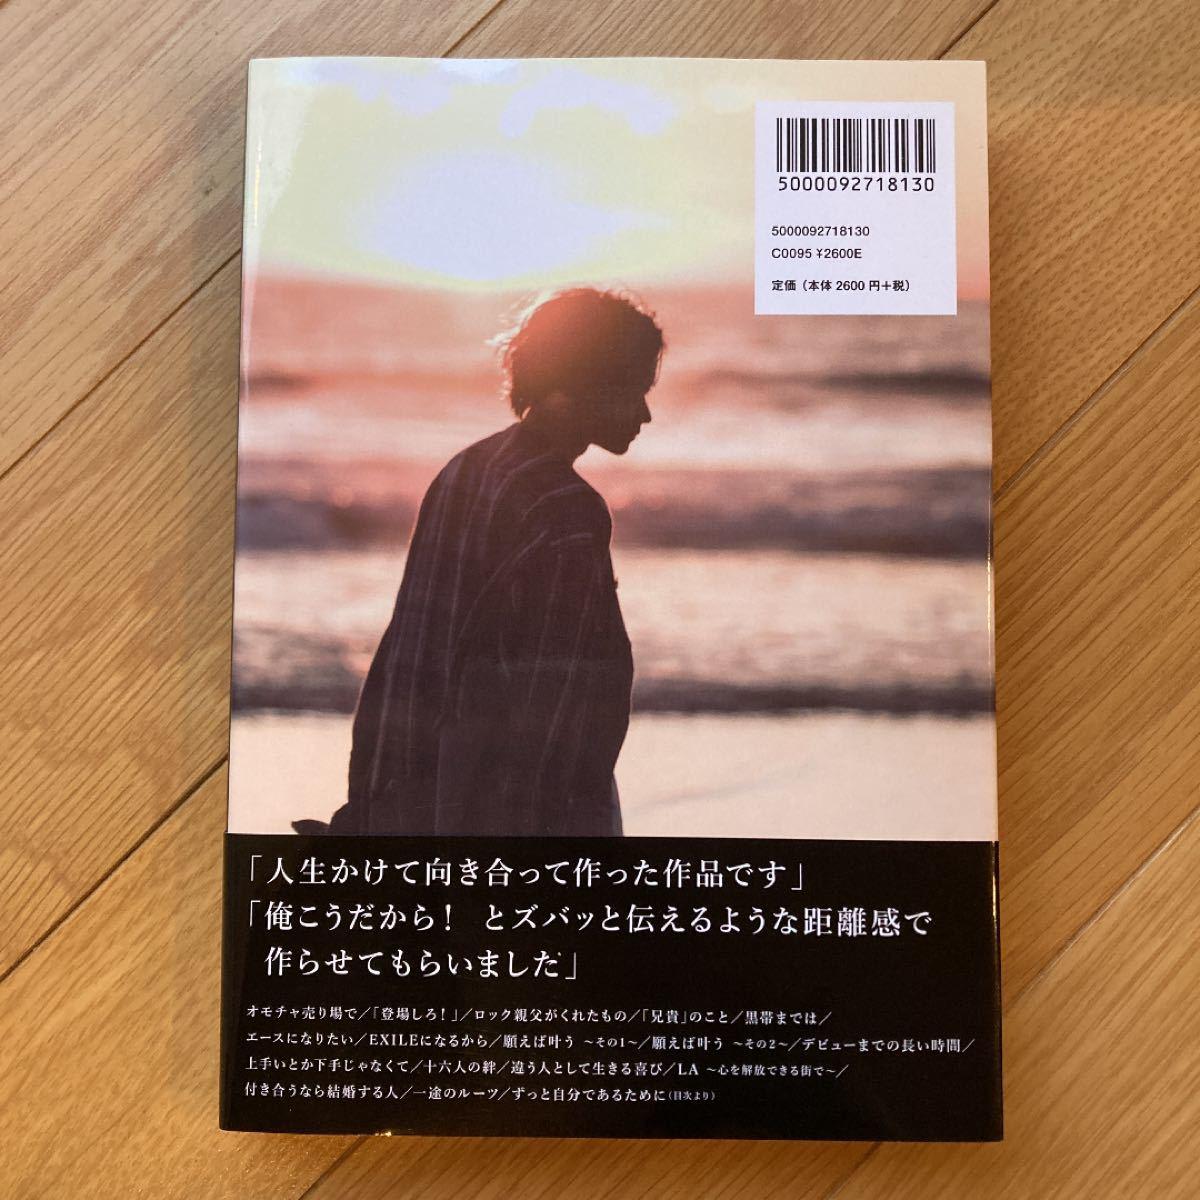 川村壱馬 写真集 フォトエッセイ シンシア 特別限定版メイキングDVD付